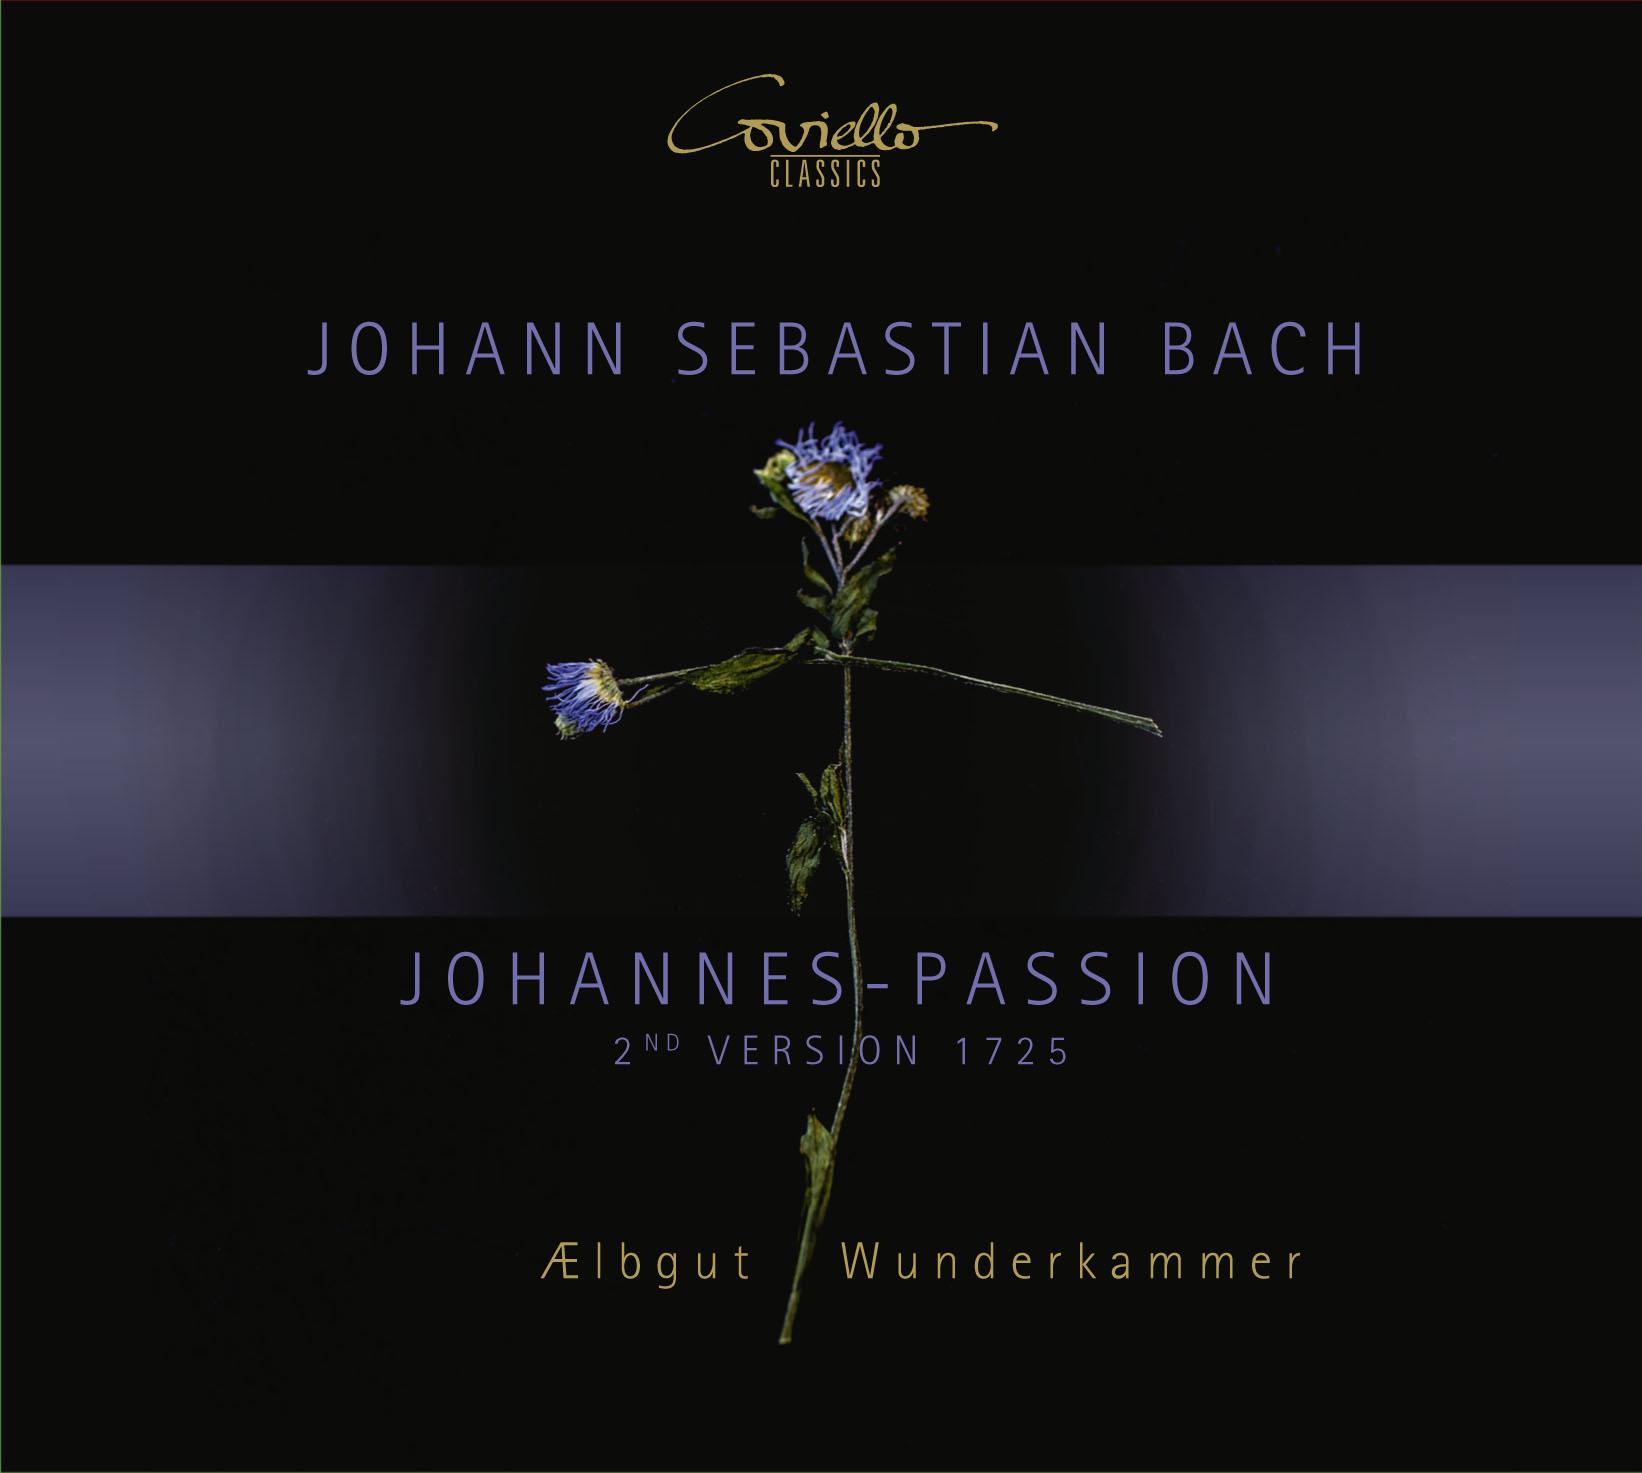 J. S. Bach: Johannespassion 2nd Version 1725 (2020)